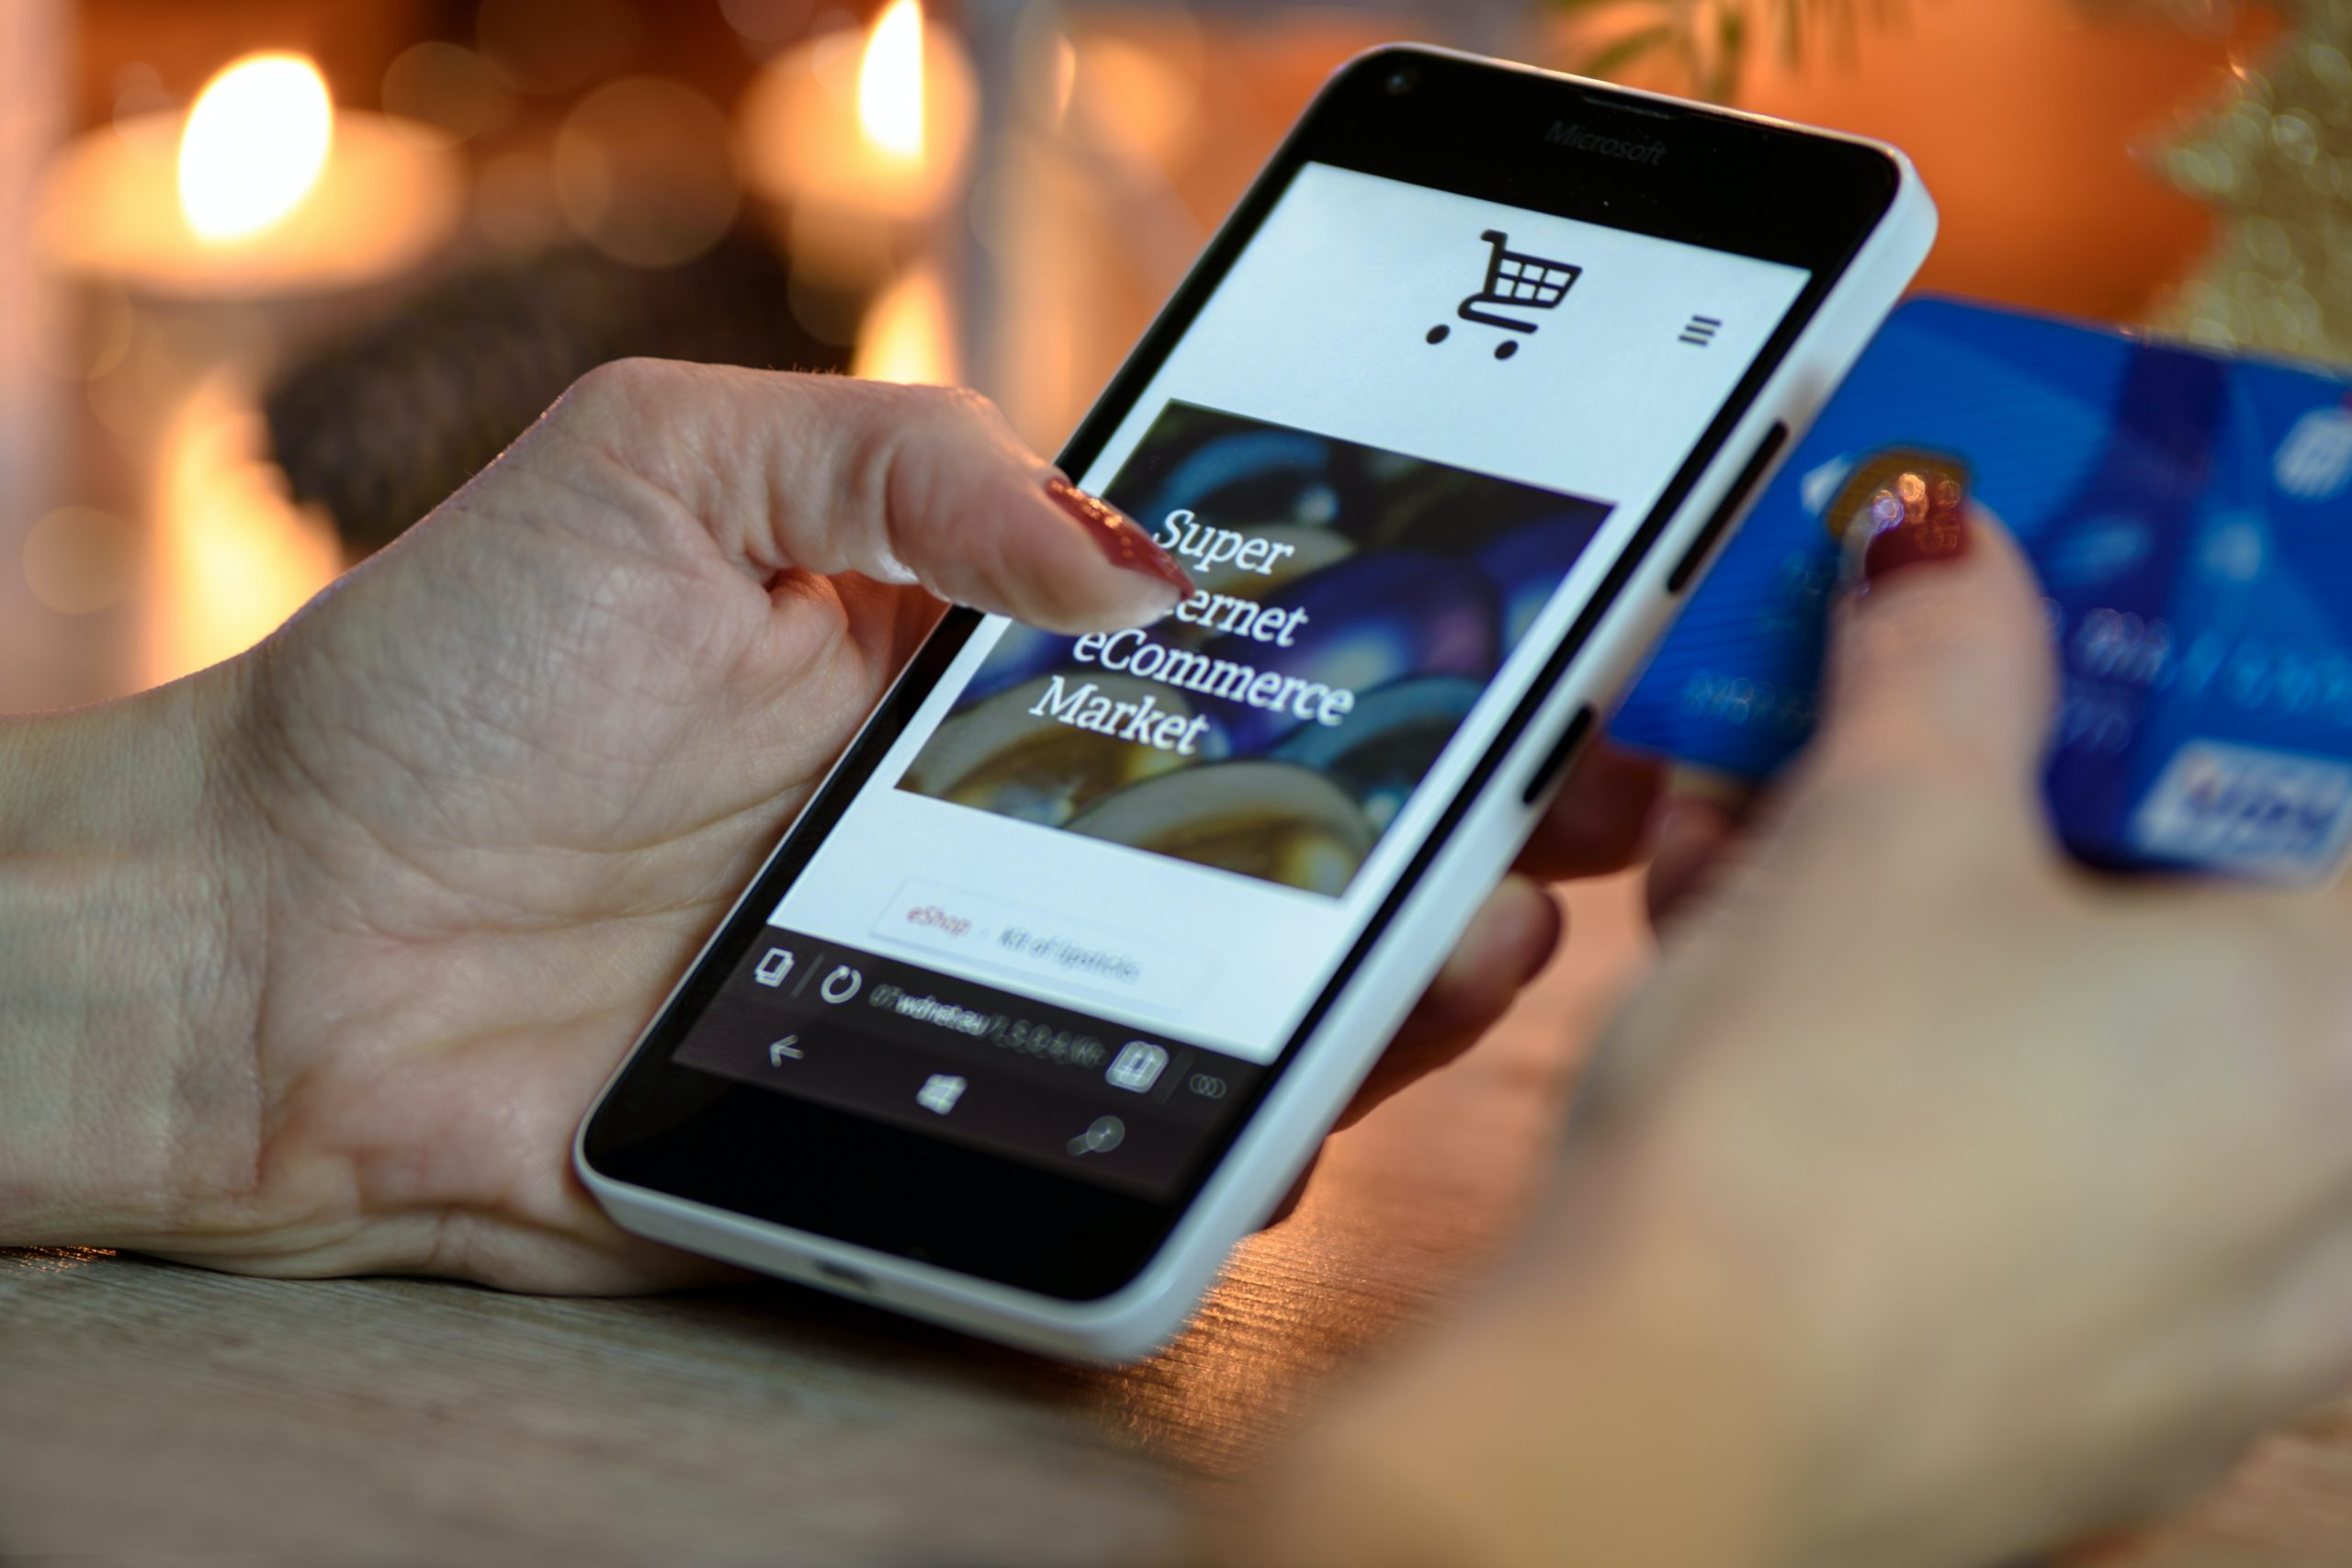 ecommerce-3-scaled.jpg